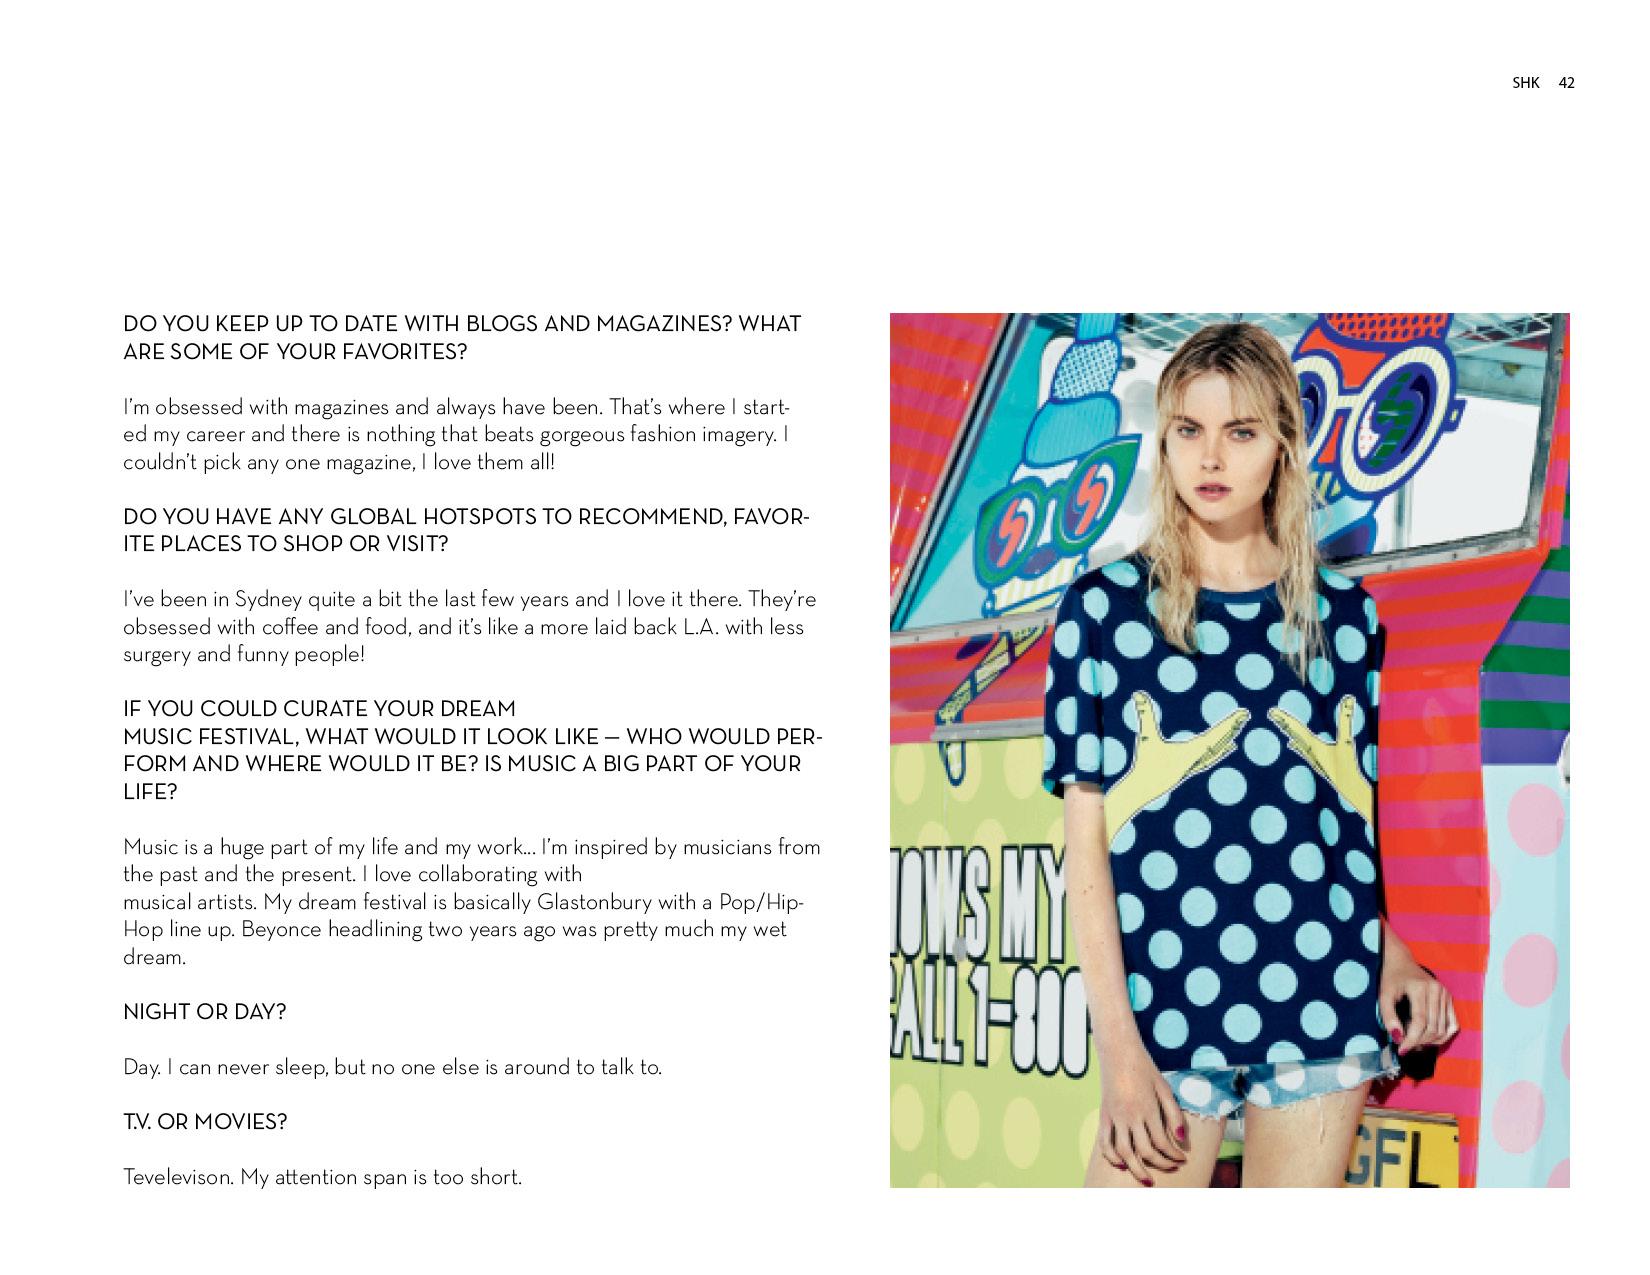 SHK-Summer-Issue-Summer-Needs-No-Explaination-201342.jpg